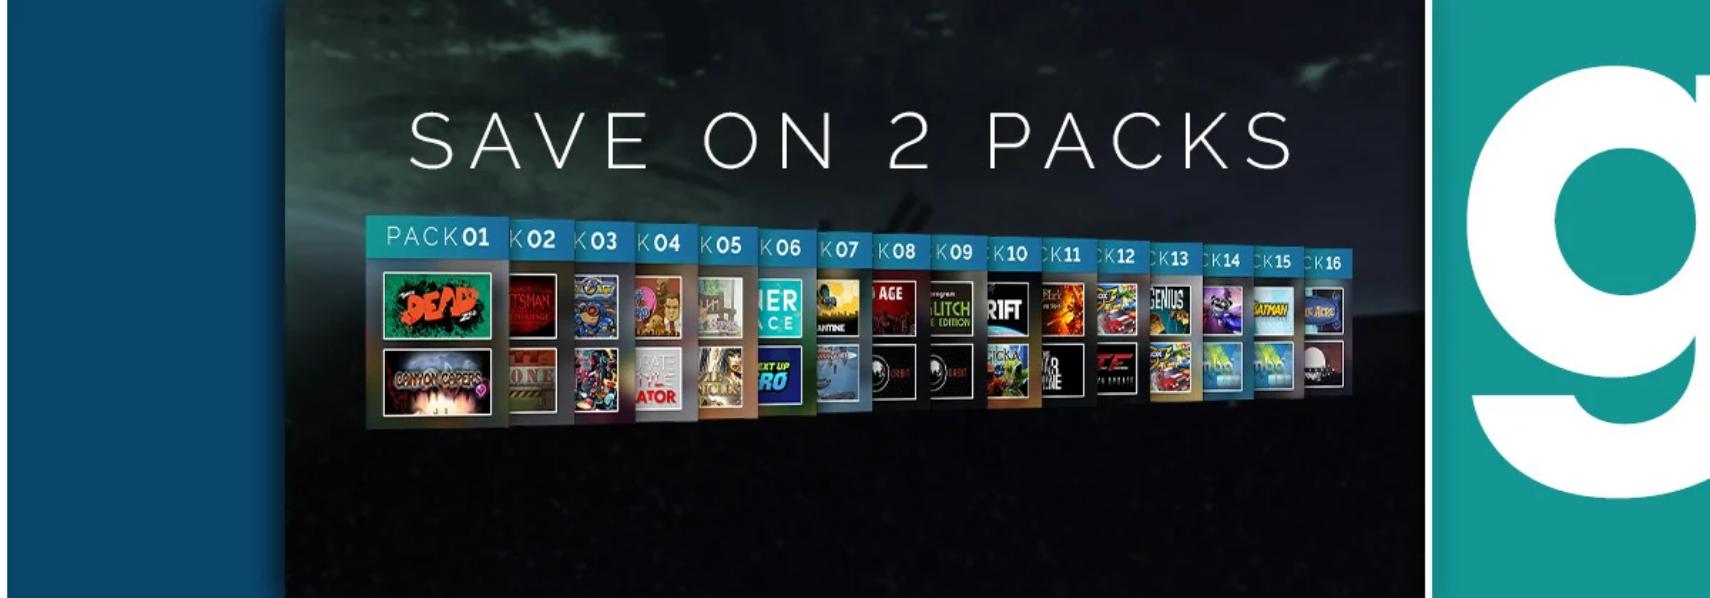 Screenshot_2020-06-23 Bundles Green Man Gaming PC.png